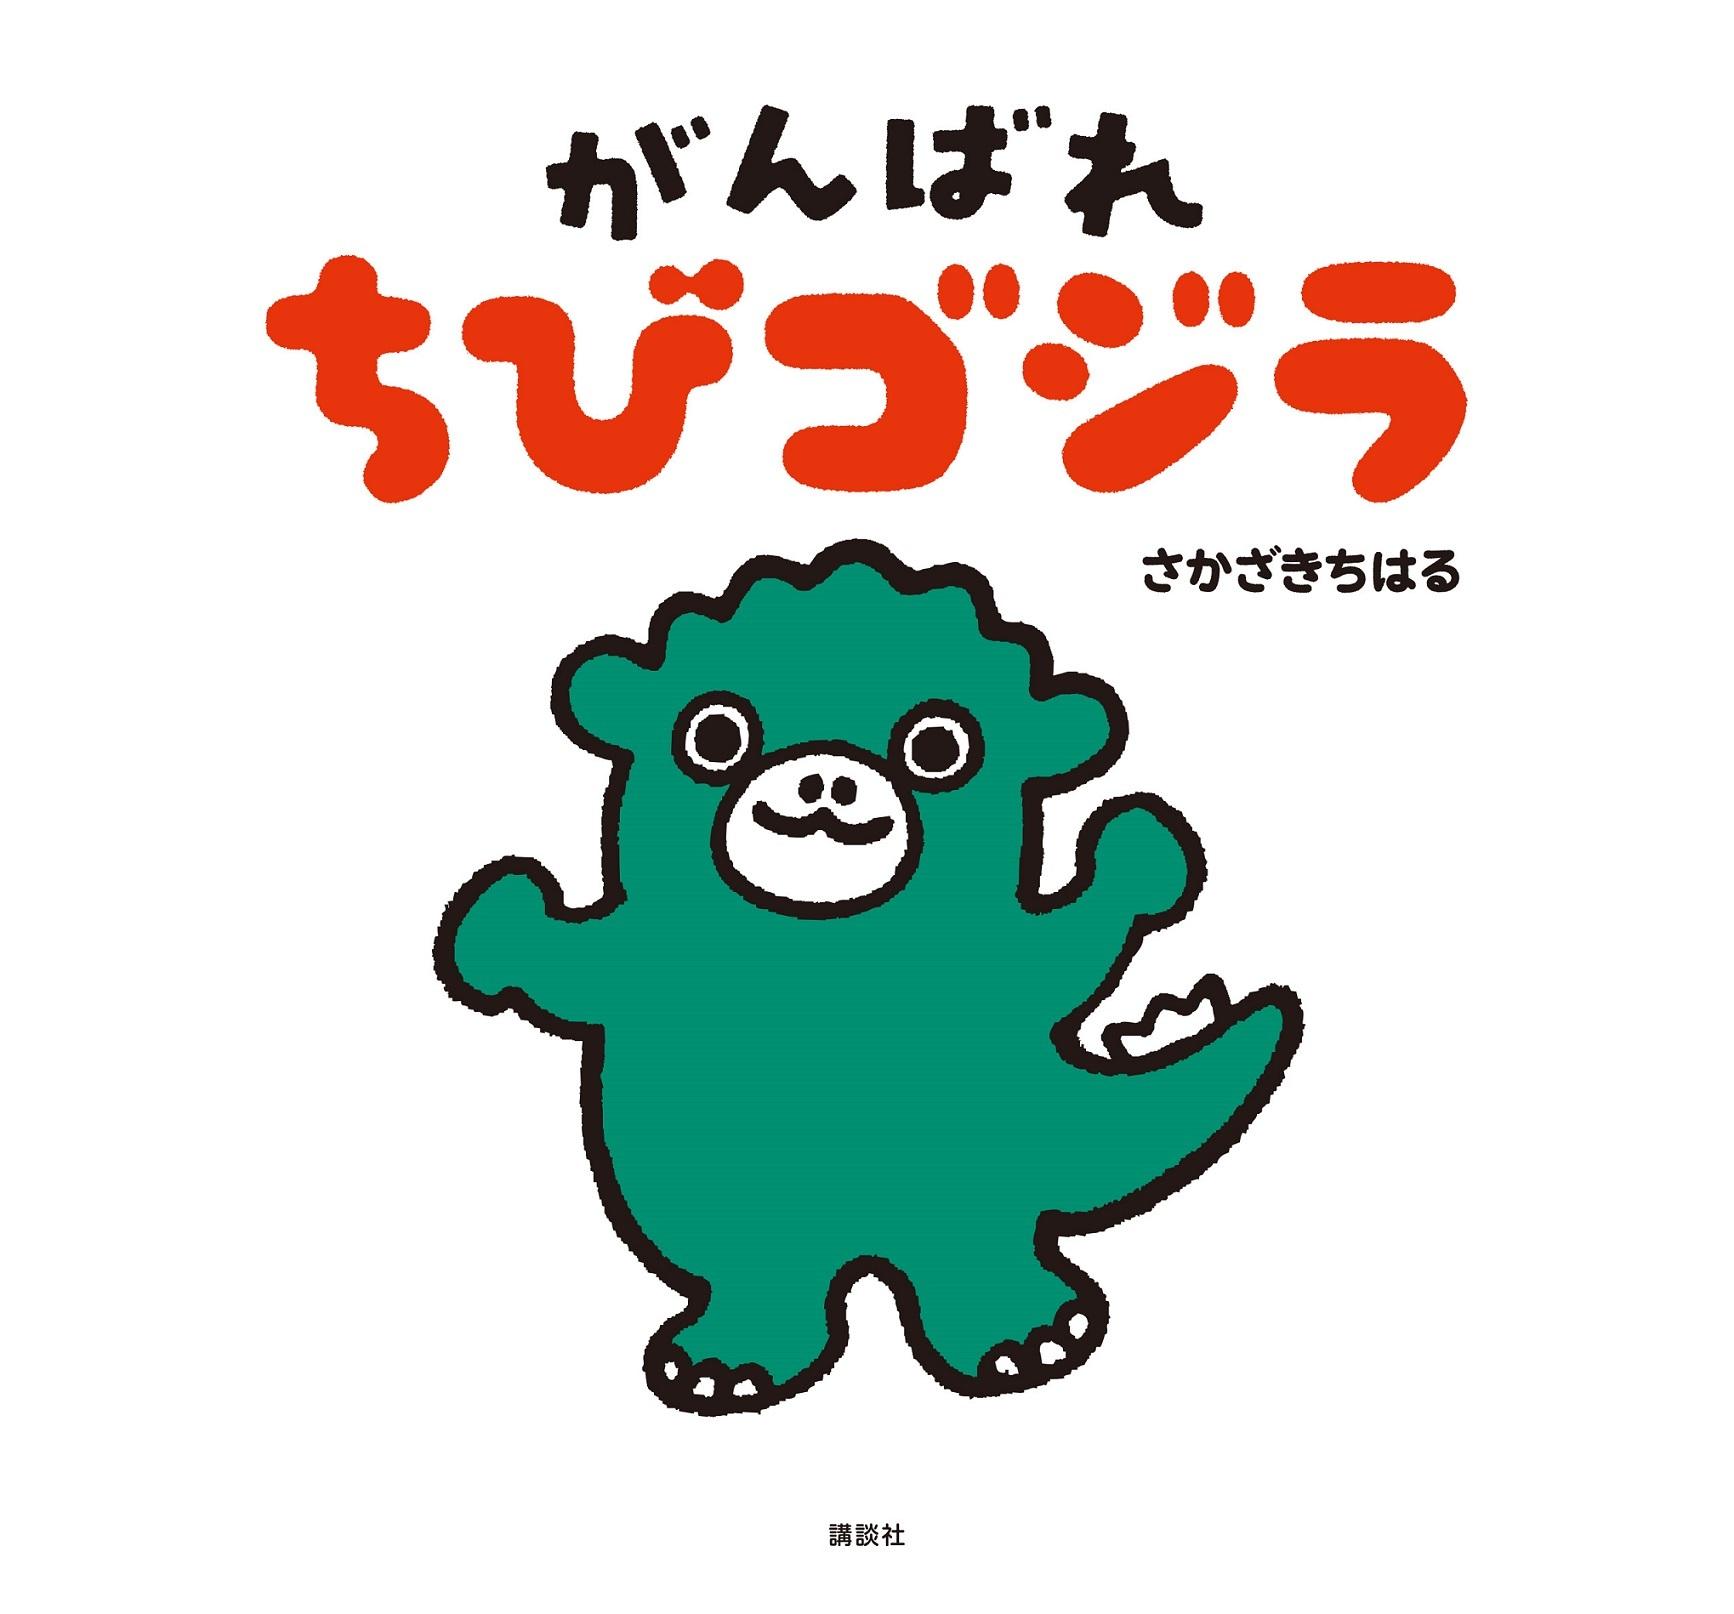 絵本「がんばれ ちびゴジラ」表紙 TM&(C)TOHO CO., LTD. Designed by Chiharu Sakazaki